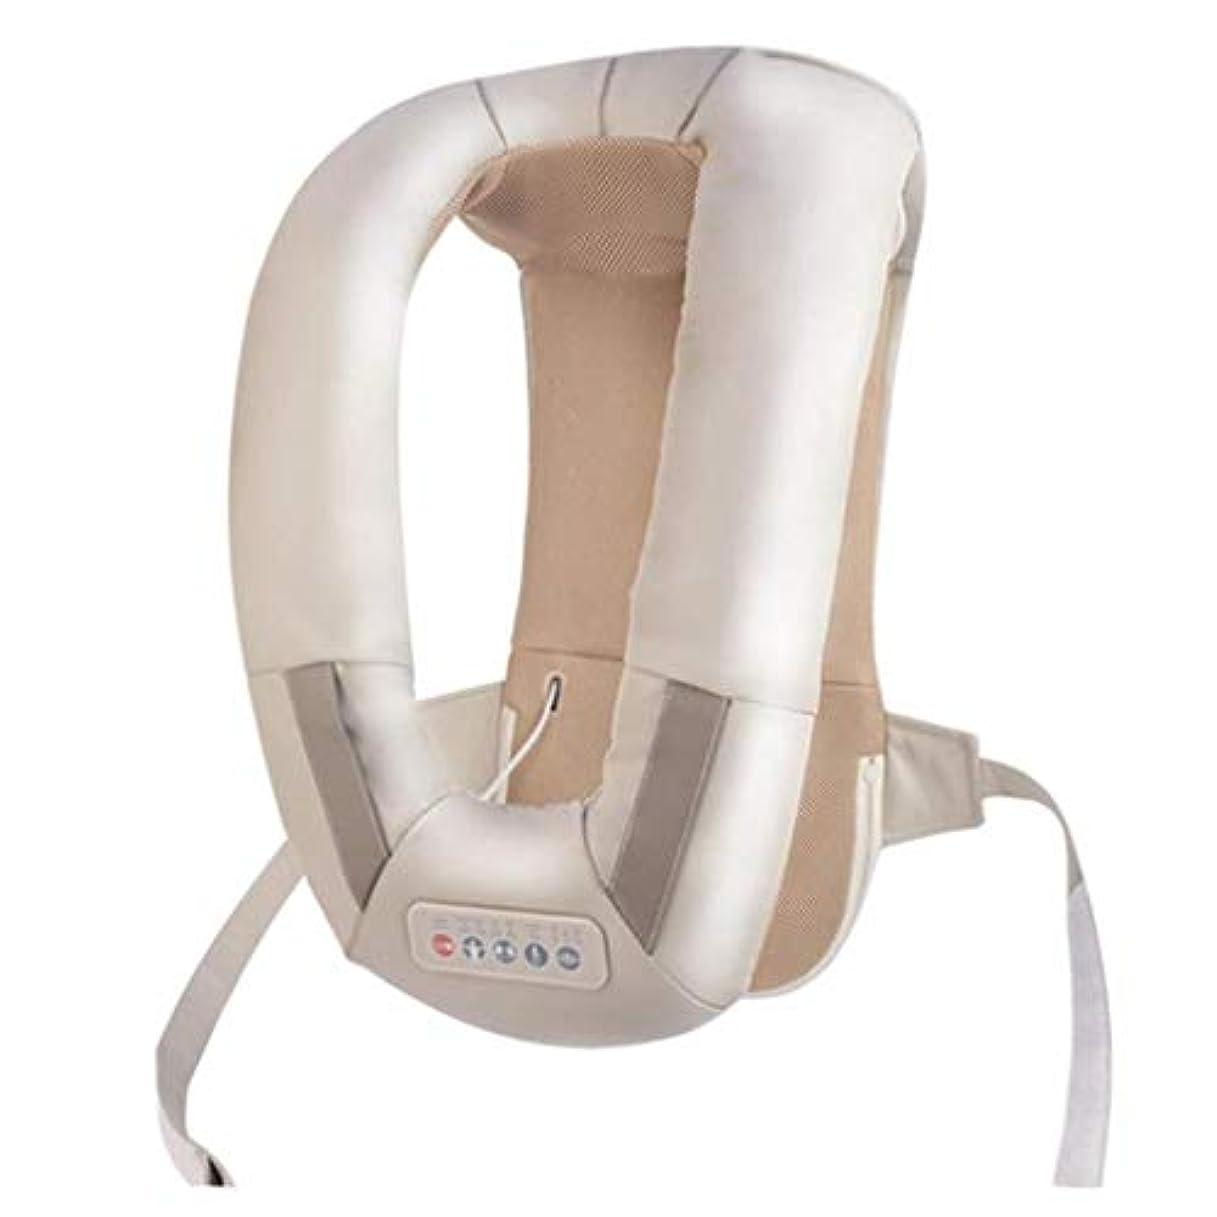 分配しますドア速い首の背中のマッサージ、肩/首の加熱/温かいマッサージ機器、血液循環を促進し、筋肉の圧力を緩和し、痛みを和らげ、オフィス/ホーム